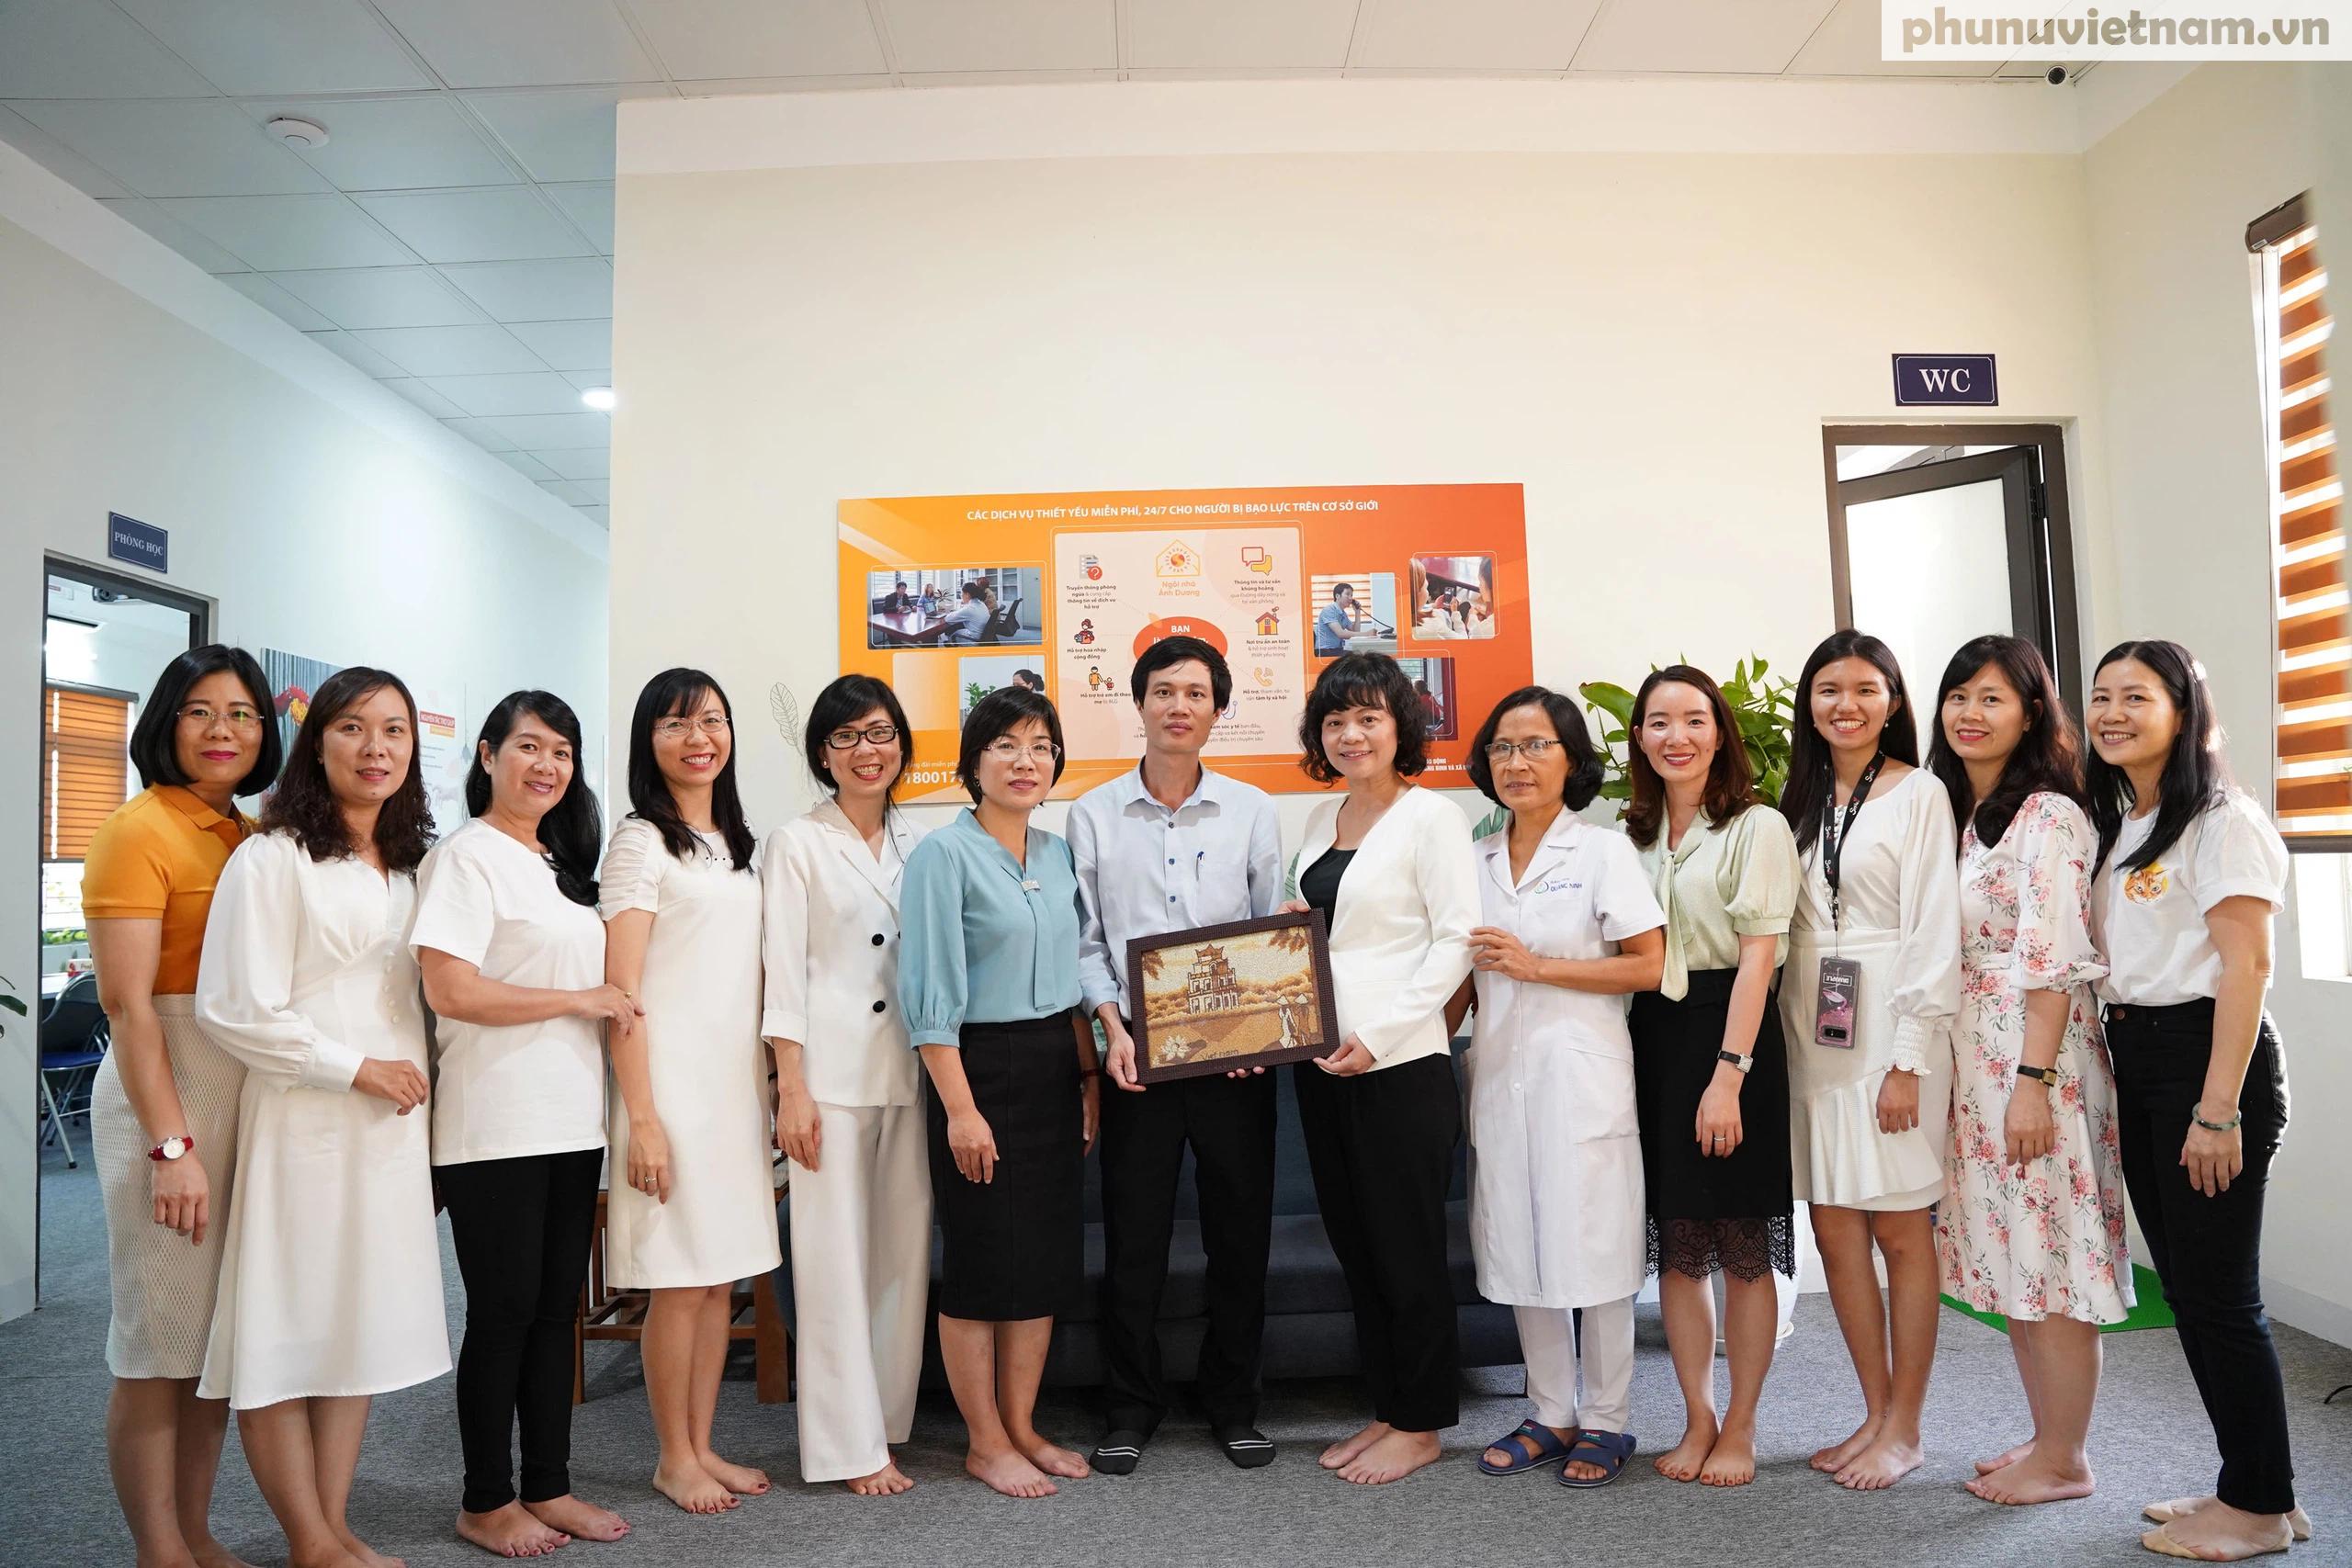 Cán bộ Hội LHPN ở 5 tỉnh, thành phố tham gia tập huấn về tham vấn cho phụ nữ di cư hồi hương - Ảnh 9.